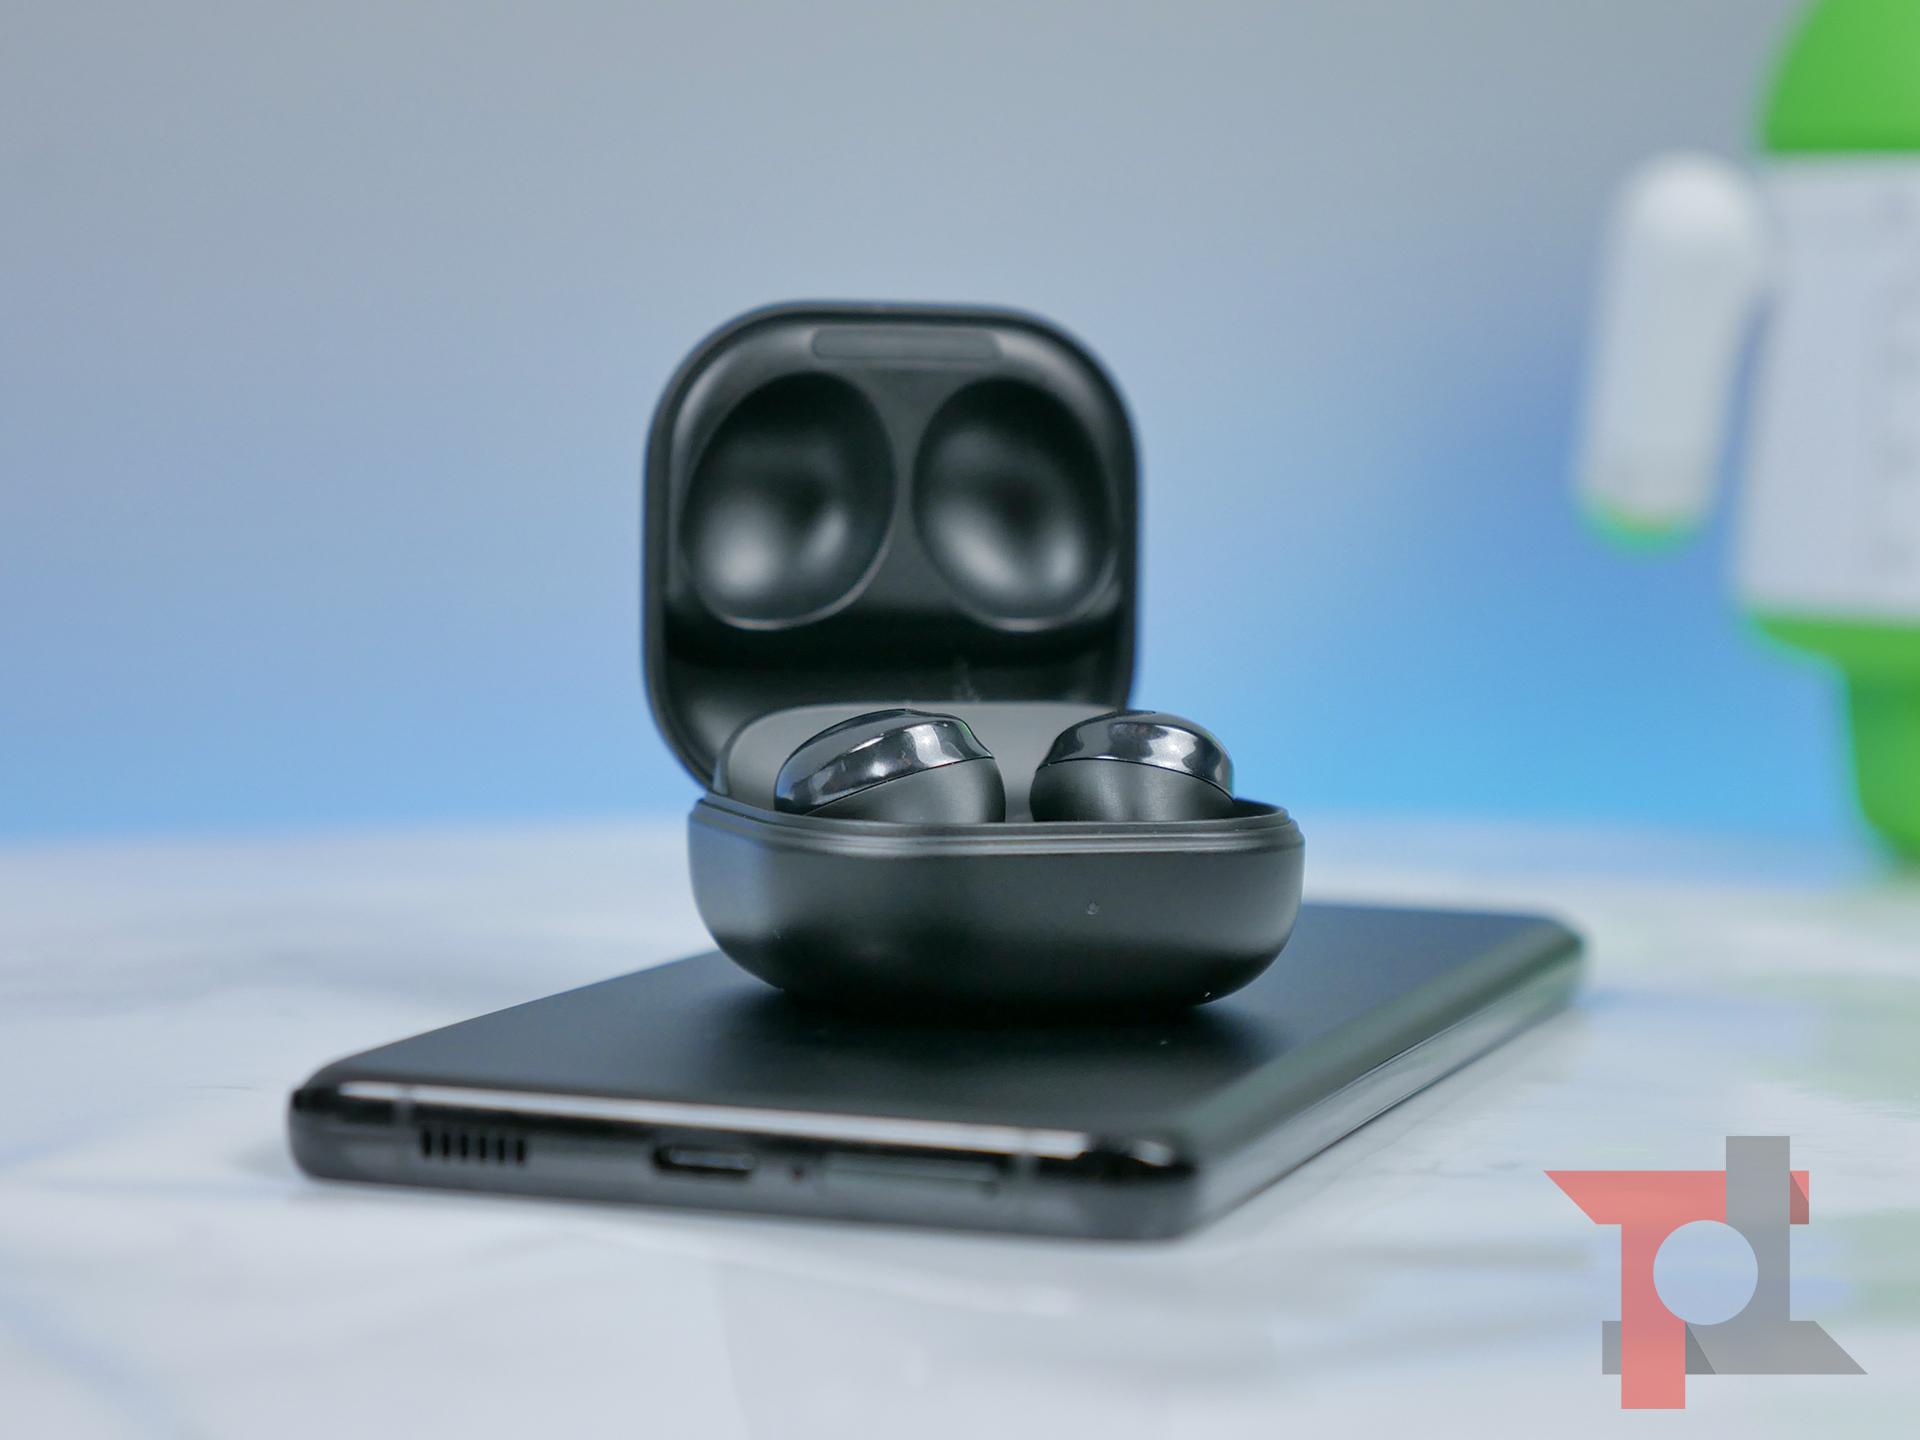 Recensione Samsung Galaxy Buds Pro: tanta qualità e funzioni Super Smart 5